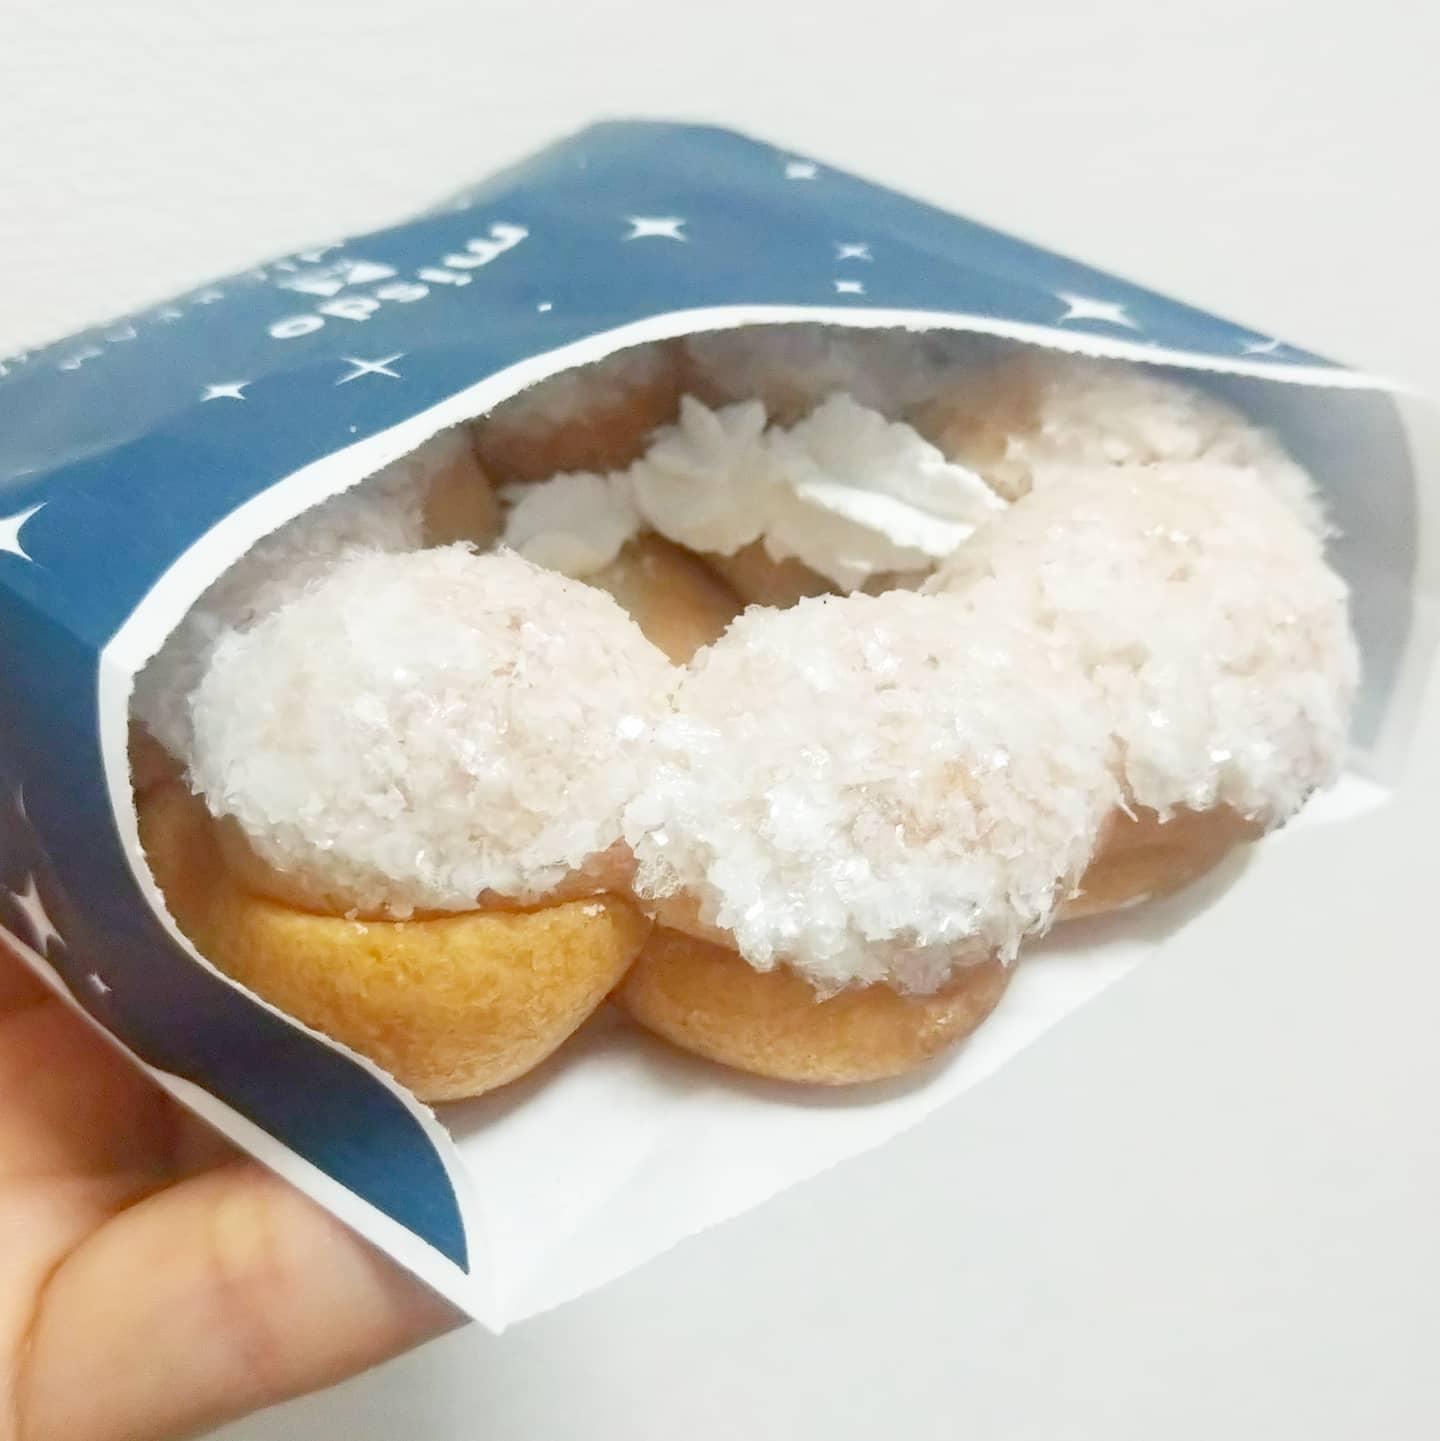 ミスド ポンデモチクリーム 久しぶりに好みのきた!ポンデ黒糖より激甘で美味い!表面のキラキラ砂糖のグレーズとクリームで激甘マックス!ポンデリングの砂糖コーティングが物足りなくなったらこれだね!